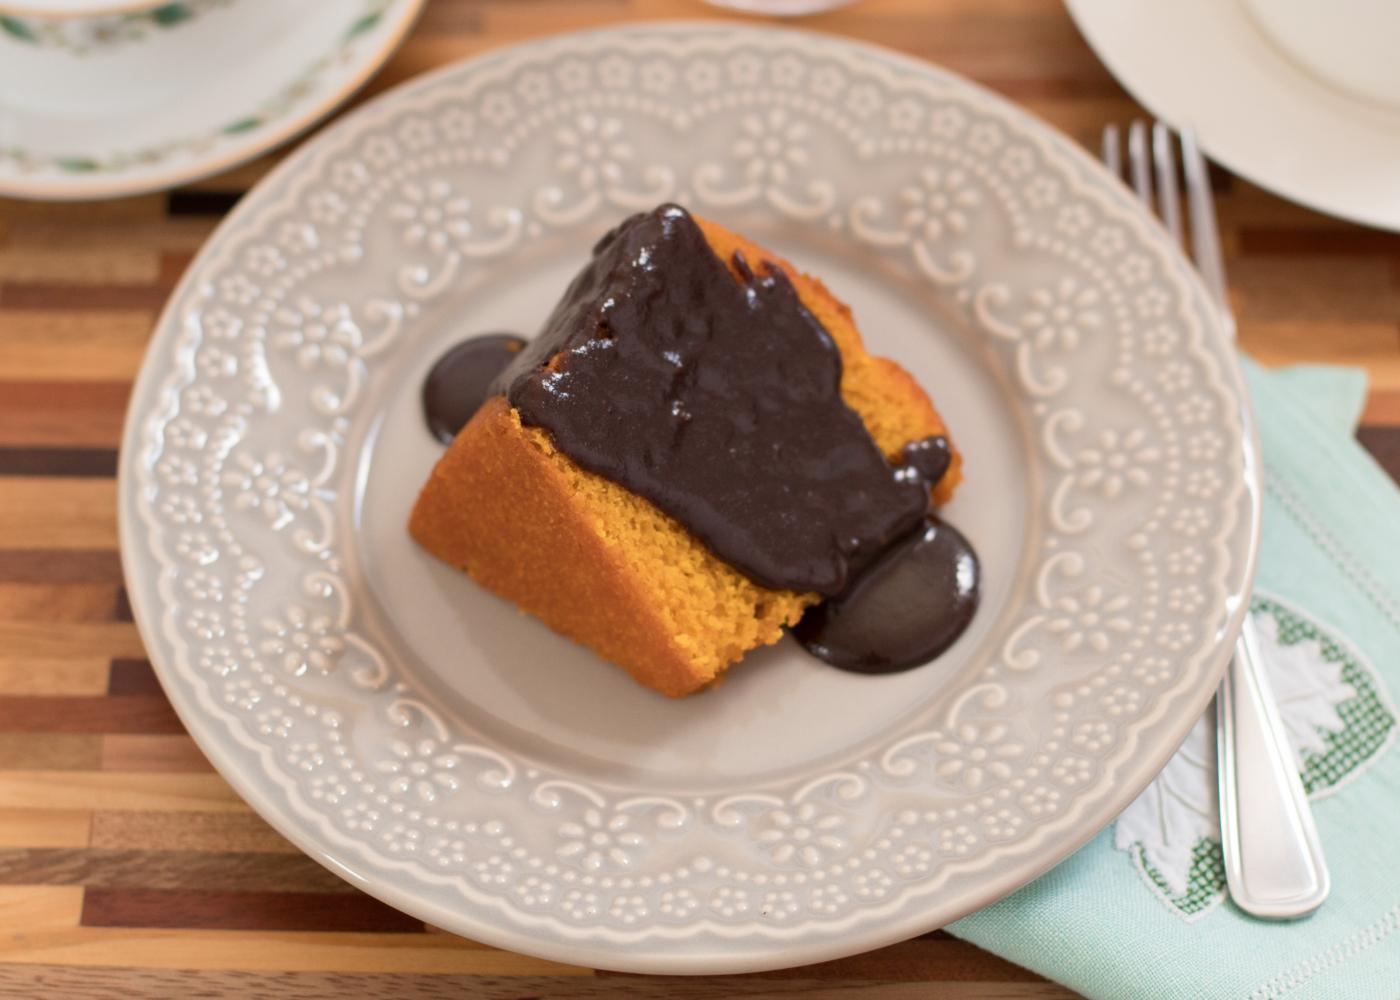 fatia de bolo de cenoura fofinho com chocolate derretido